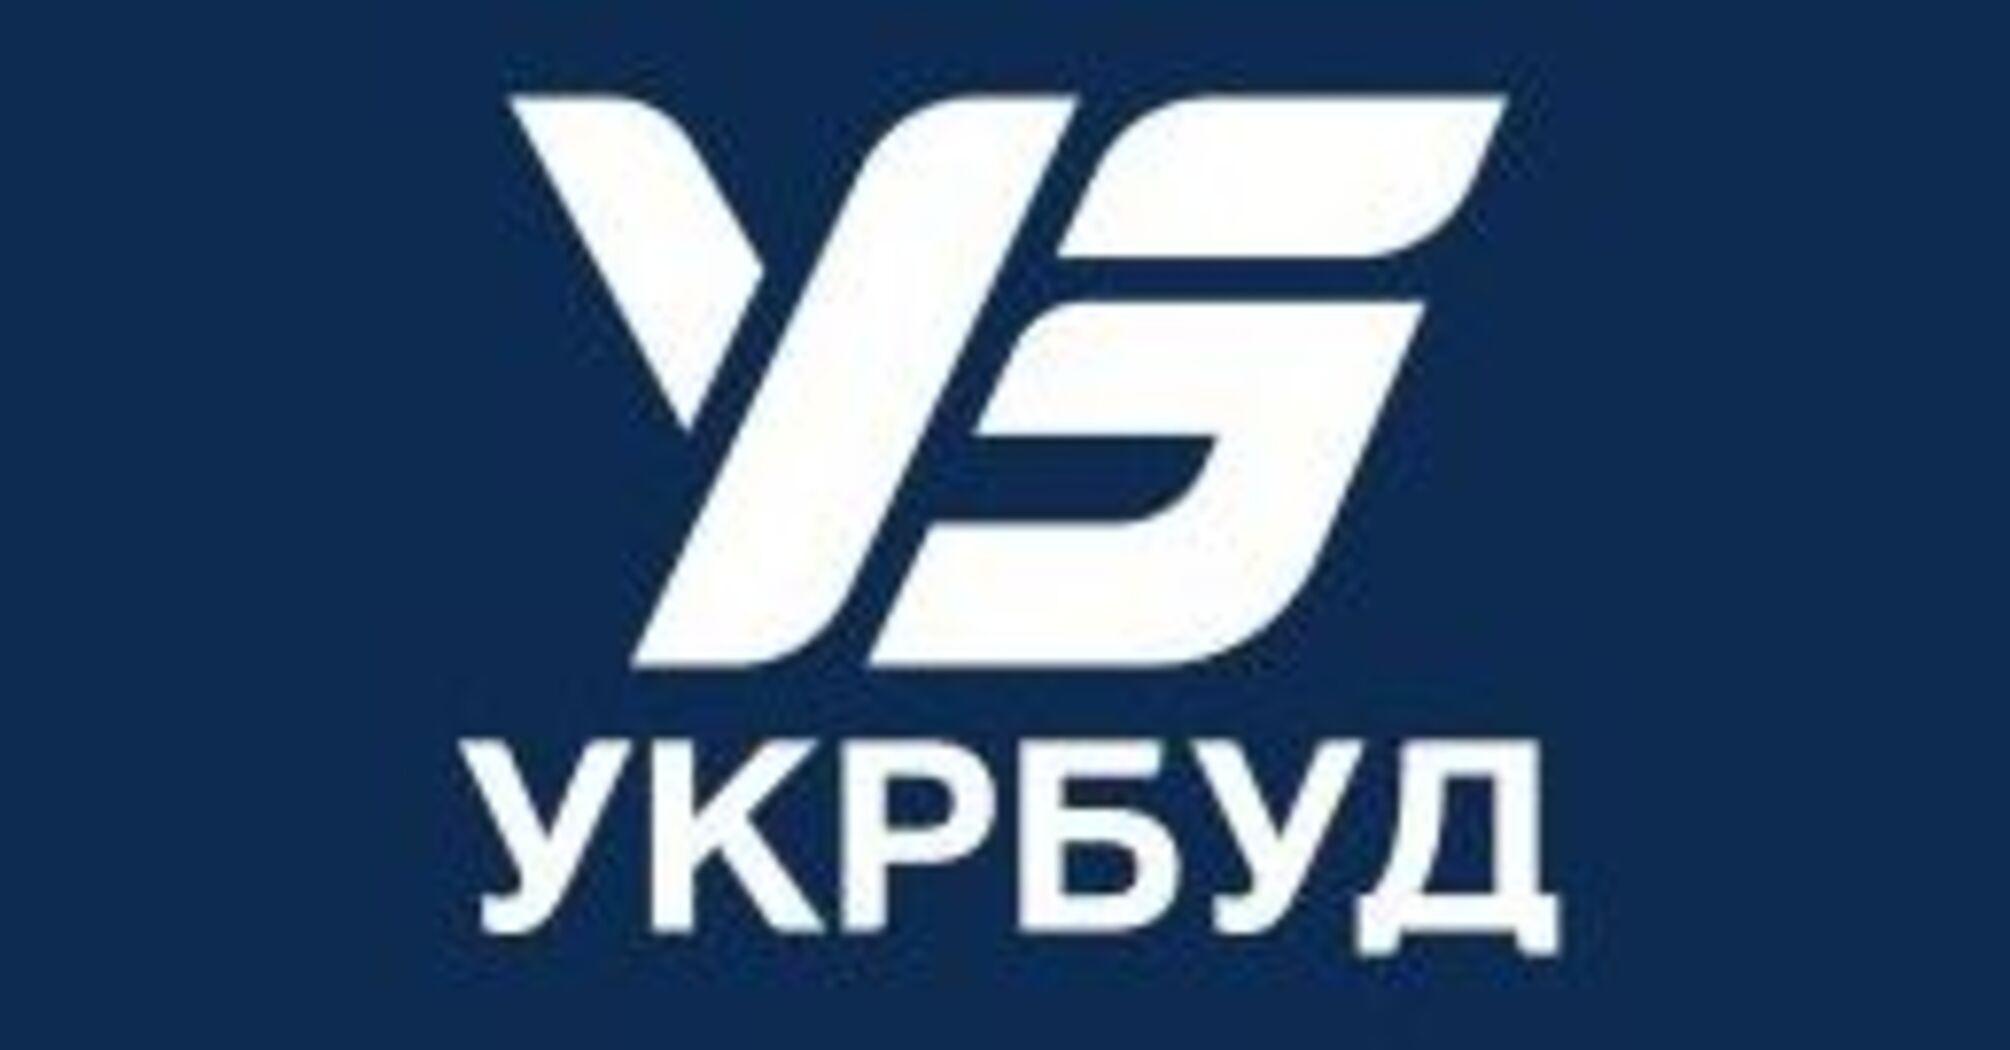 Які об'єкти Укрбуду прийняв Київміськбуд